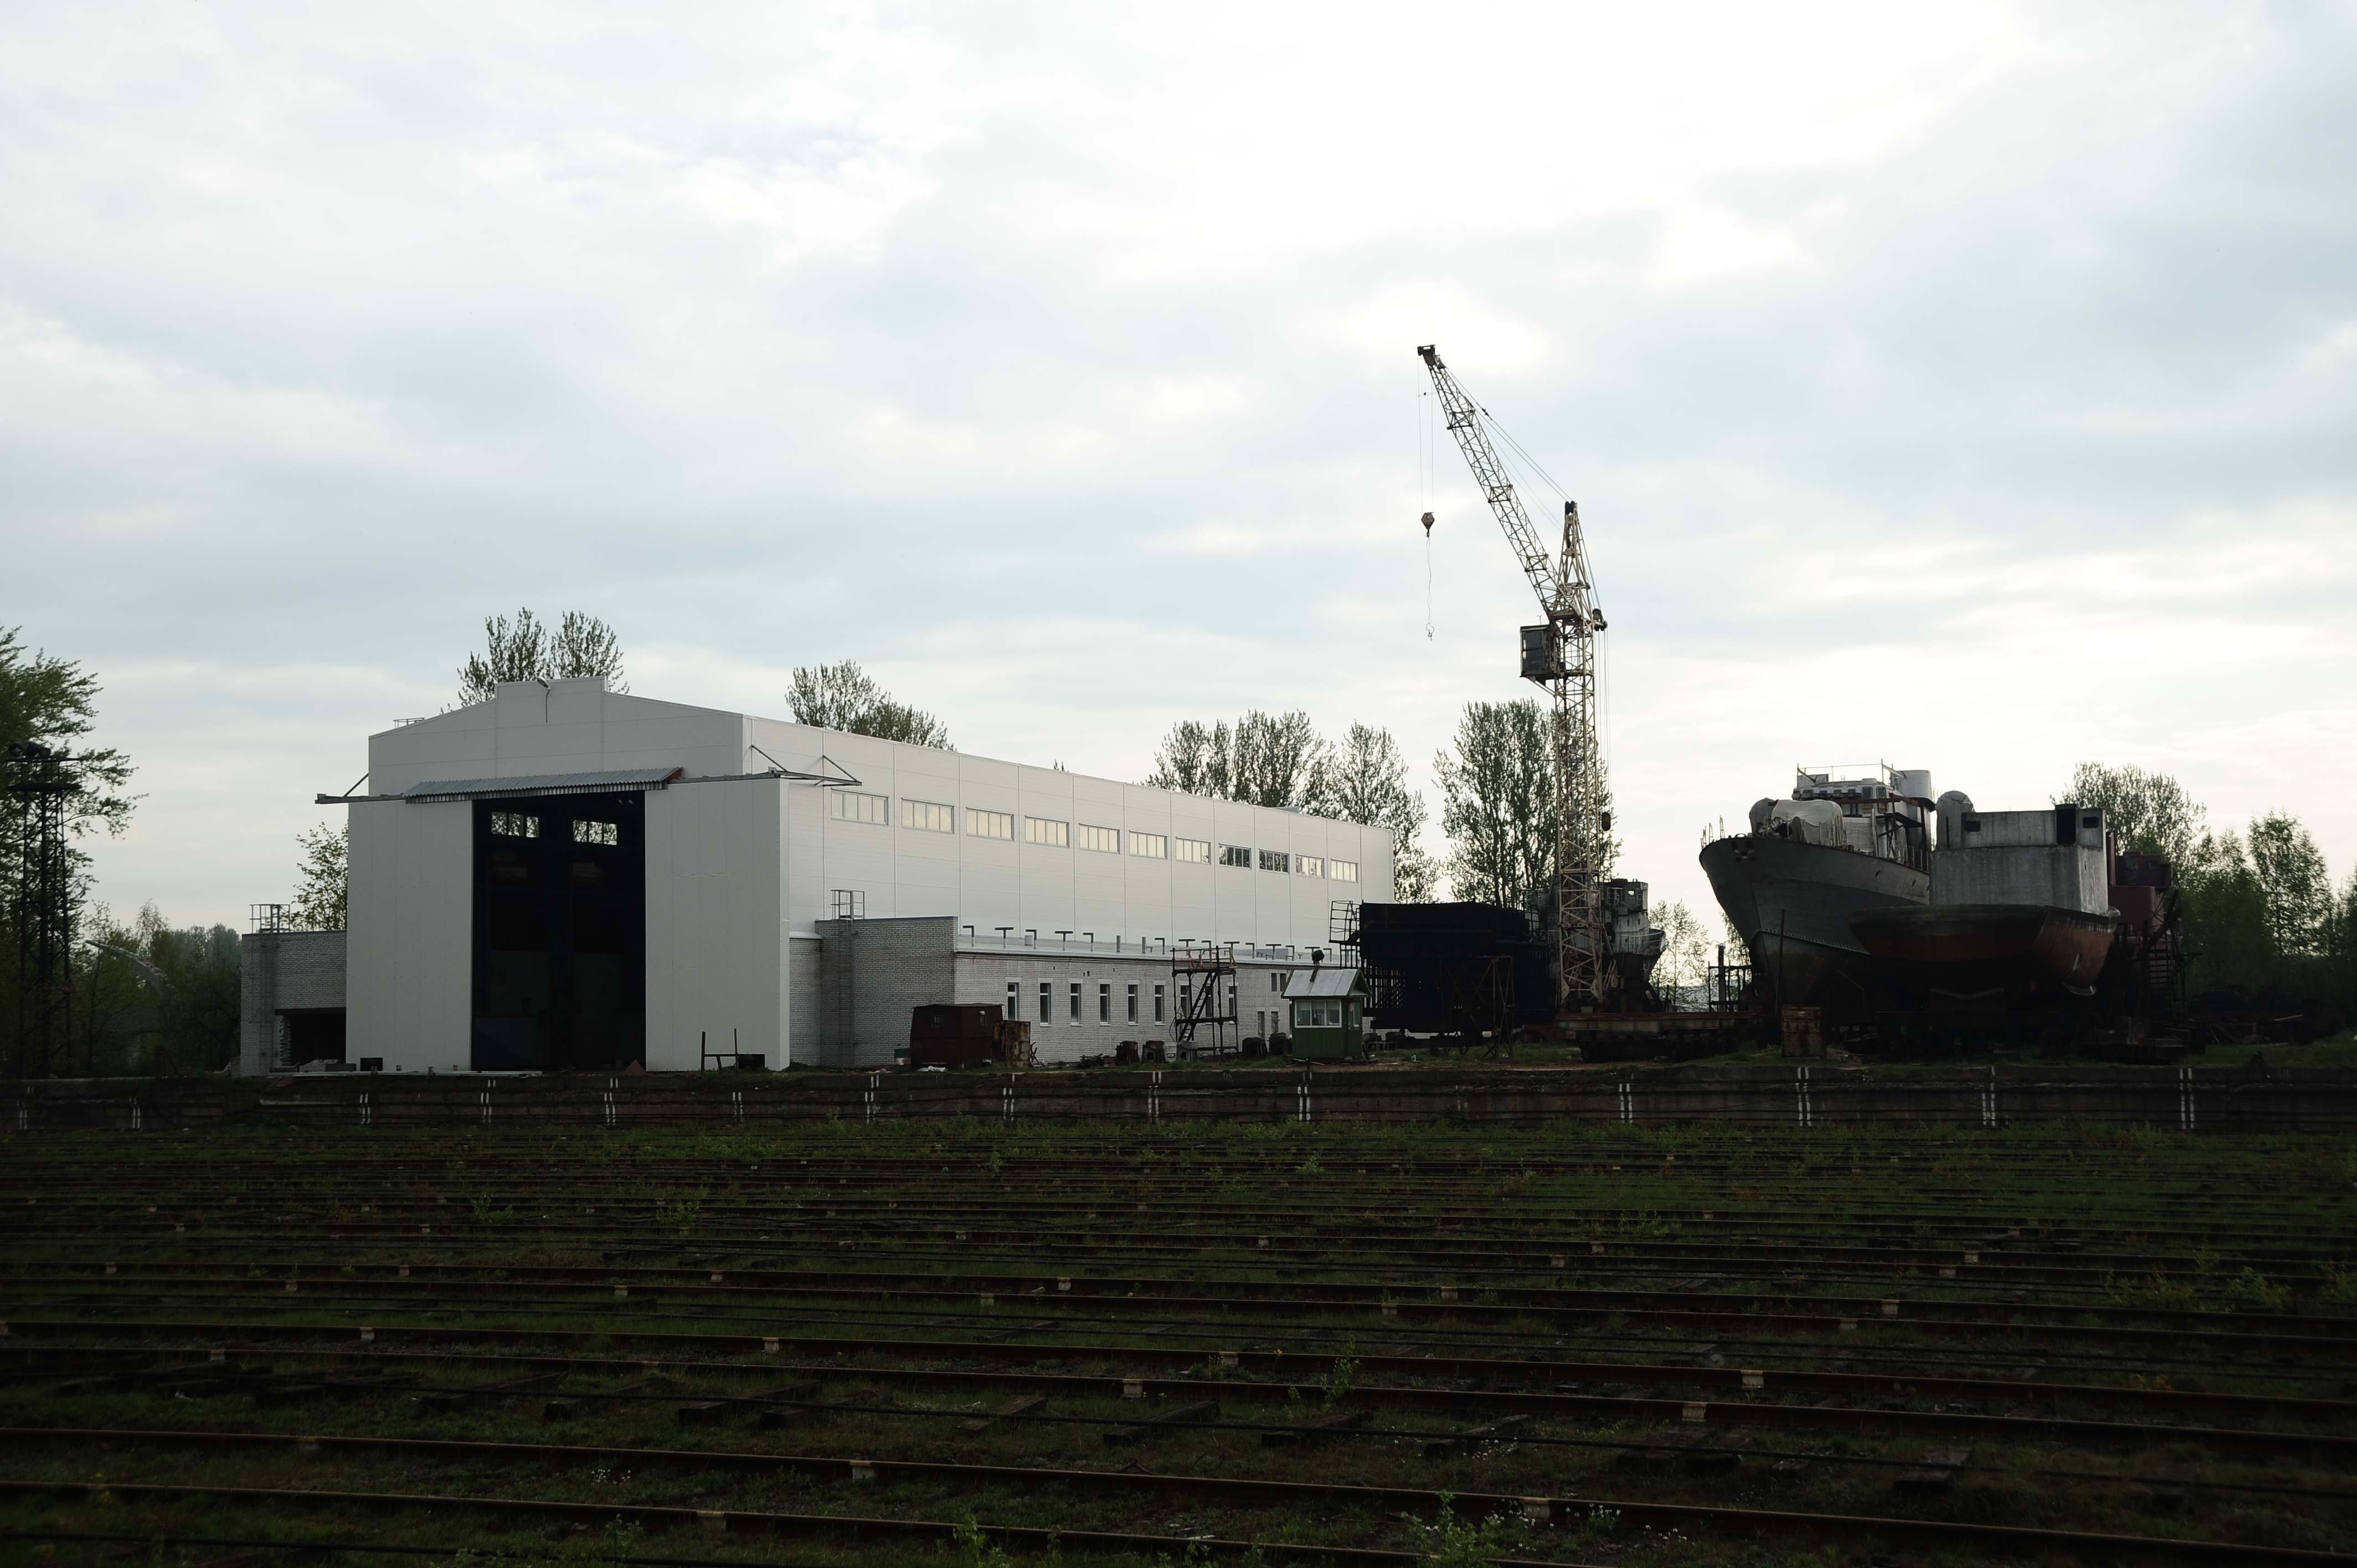 севзапстальконструкция построила средненевский судостроительный завод